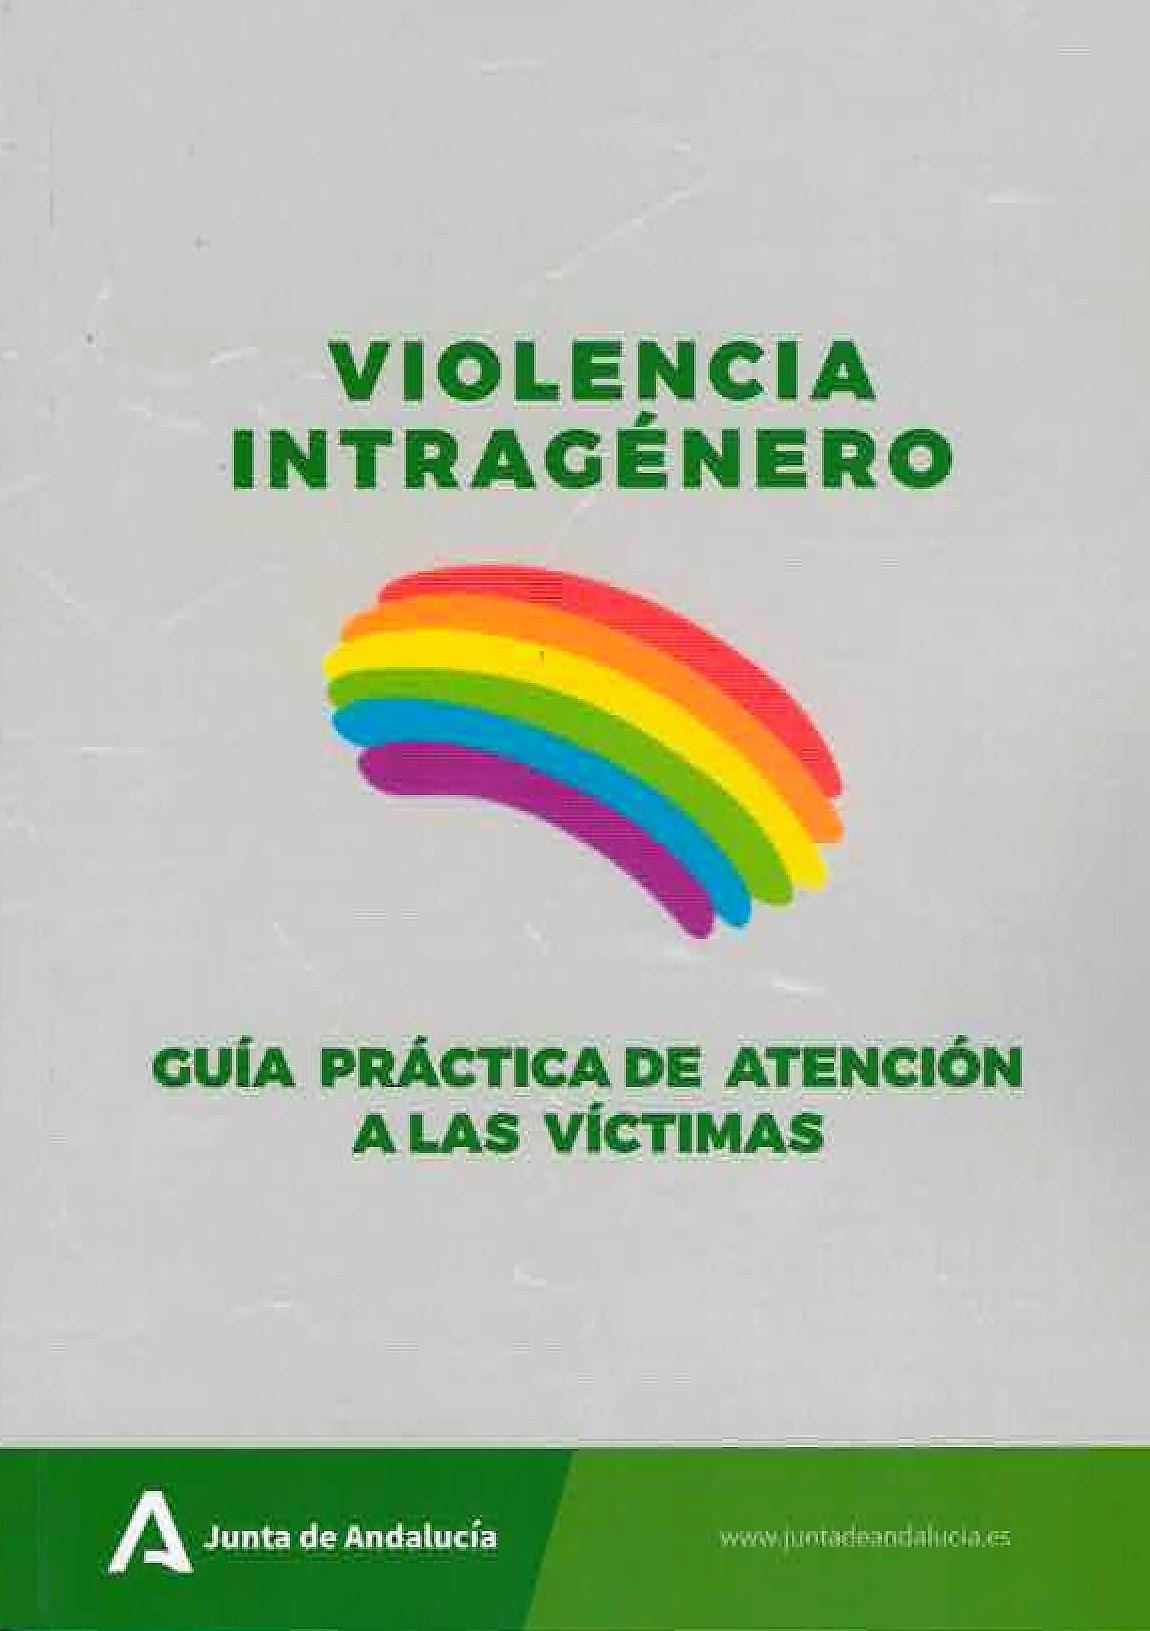 Violencia intragénero. Guía práctica de atención a las víctimas. Portada.